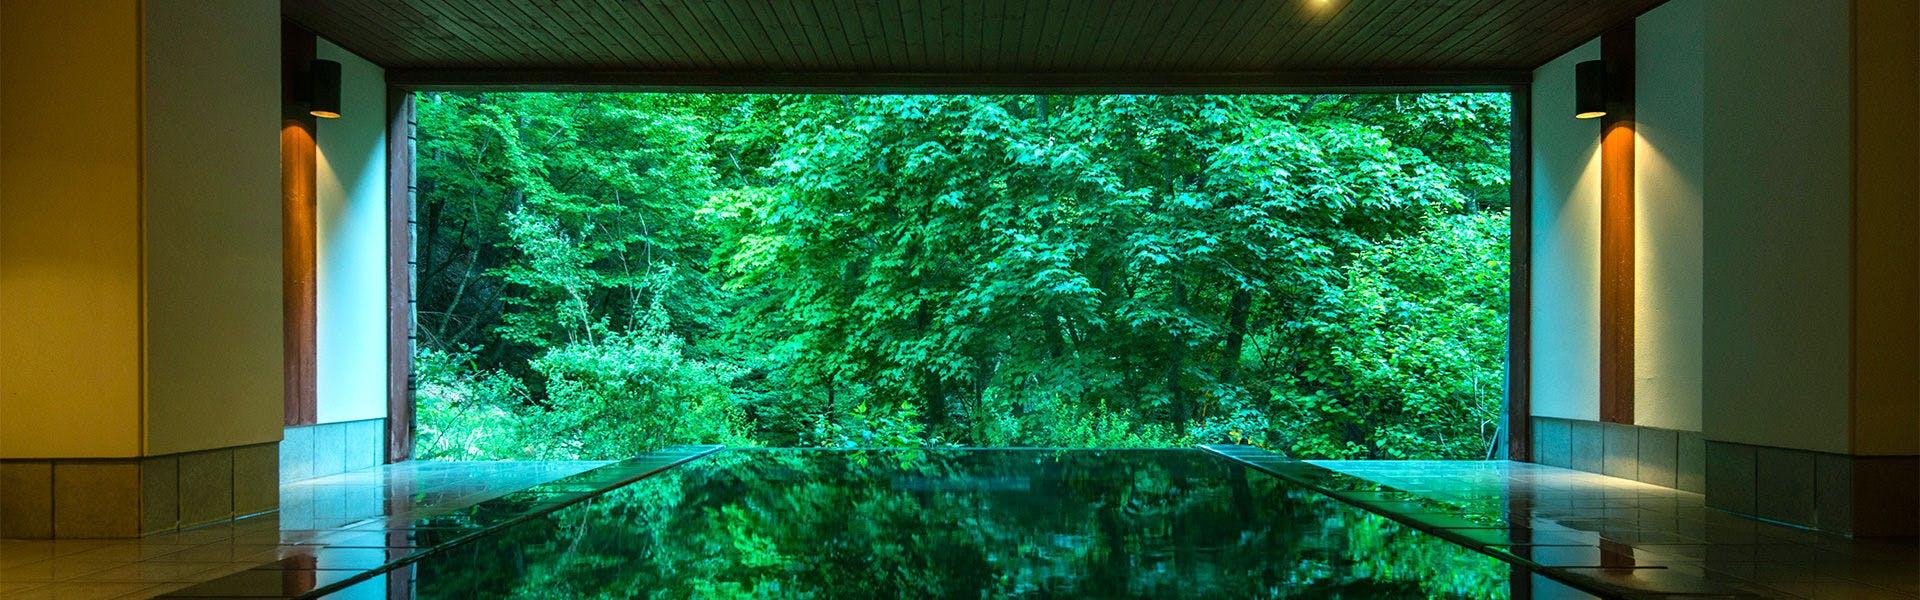 記念日におすすめのホテル・扉温泉 明神館の写真1